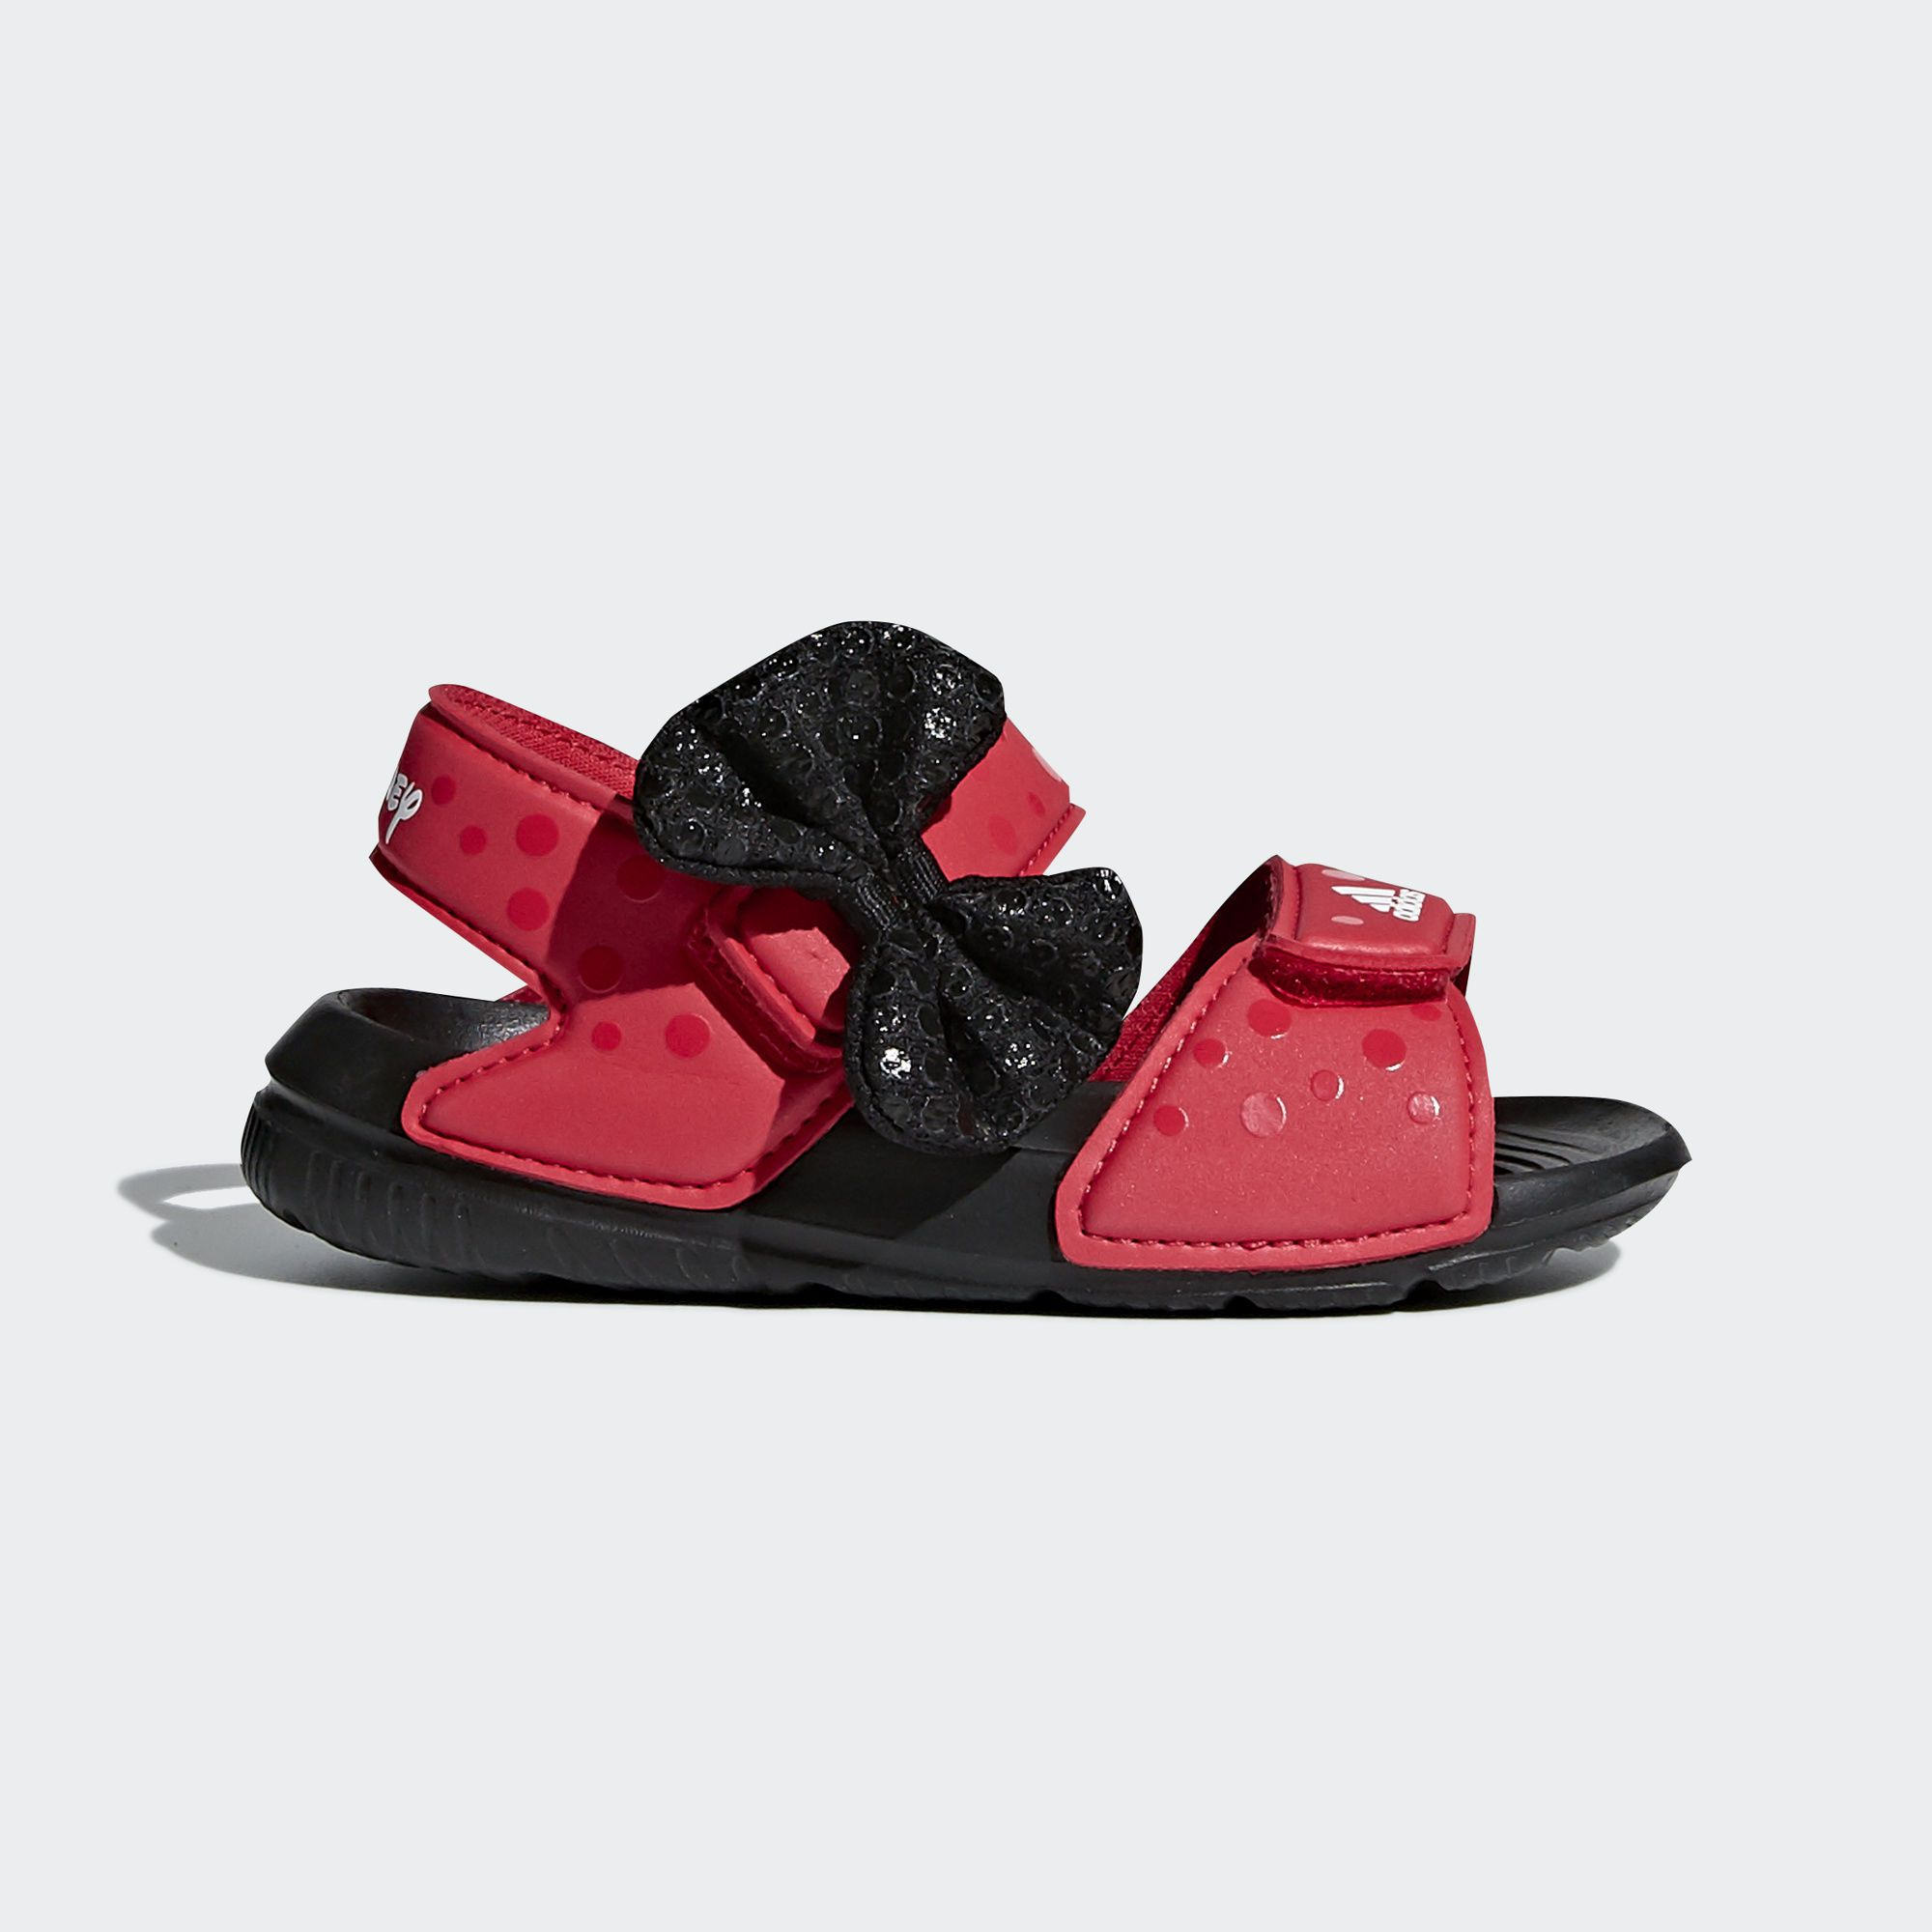 c5105cf8e83 adidas Disney Minnie AltaSwim Sandals - Red | adidas US | Footwear